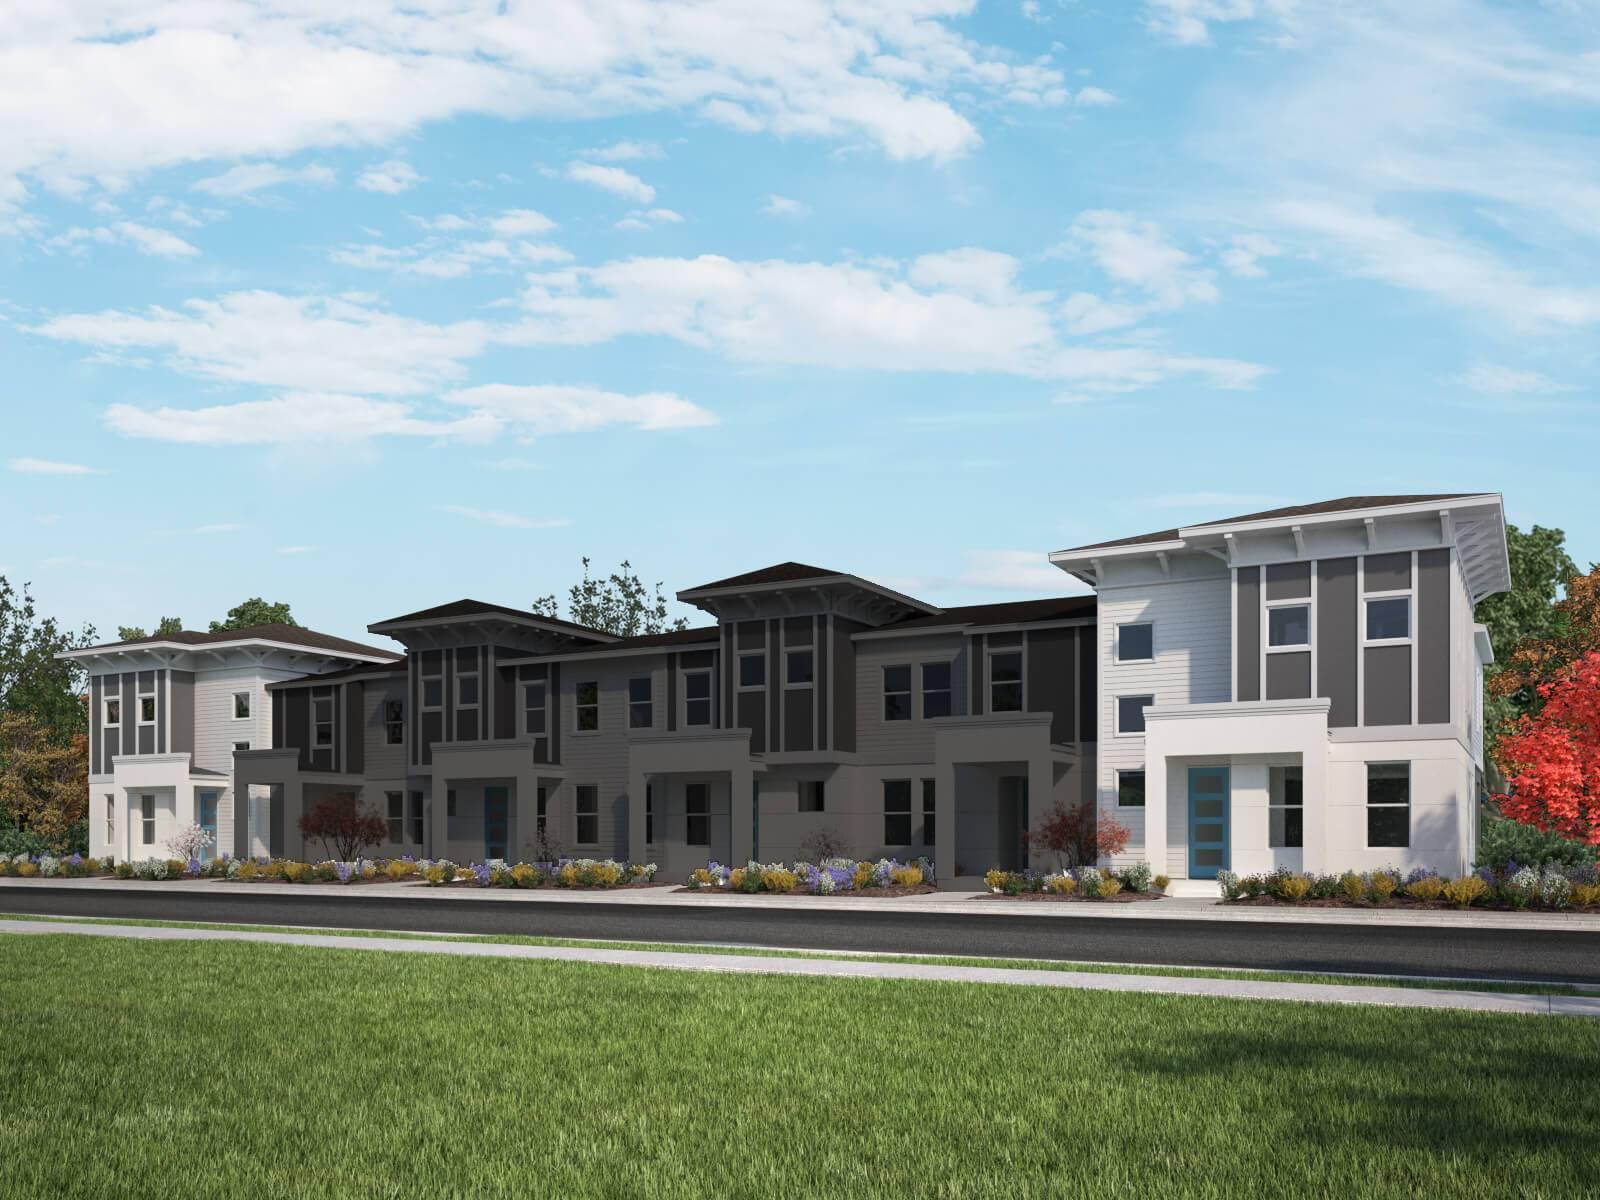 32819 new homes communities 414 communities newhomesource rh newhomesource com